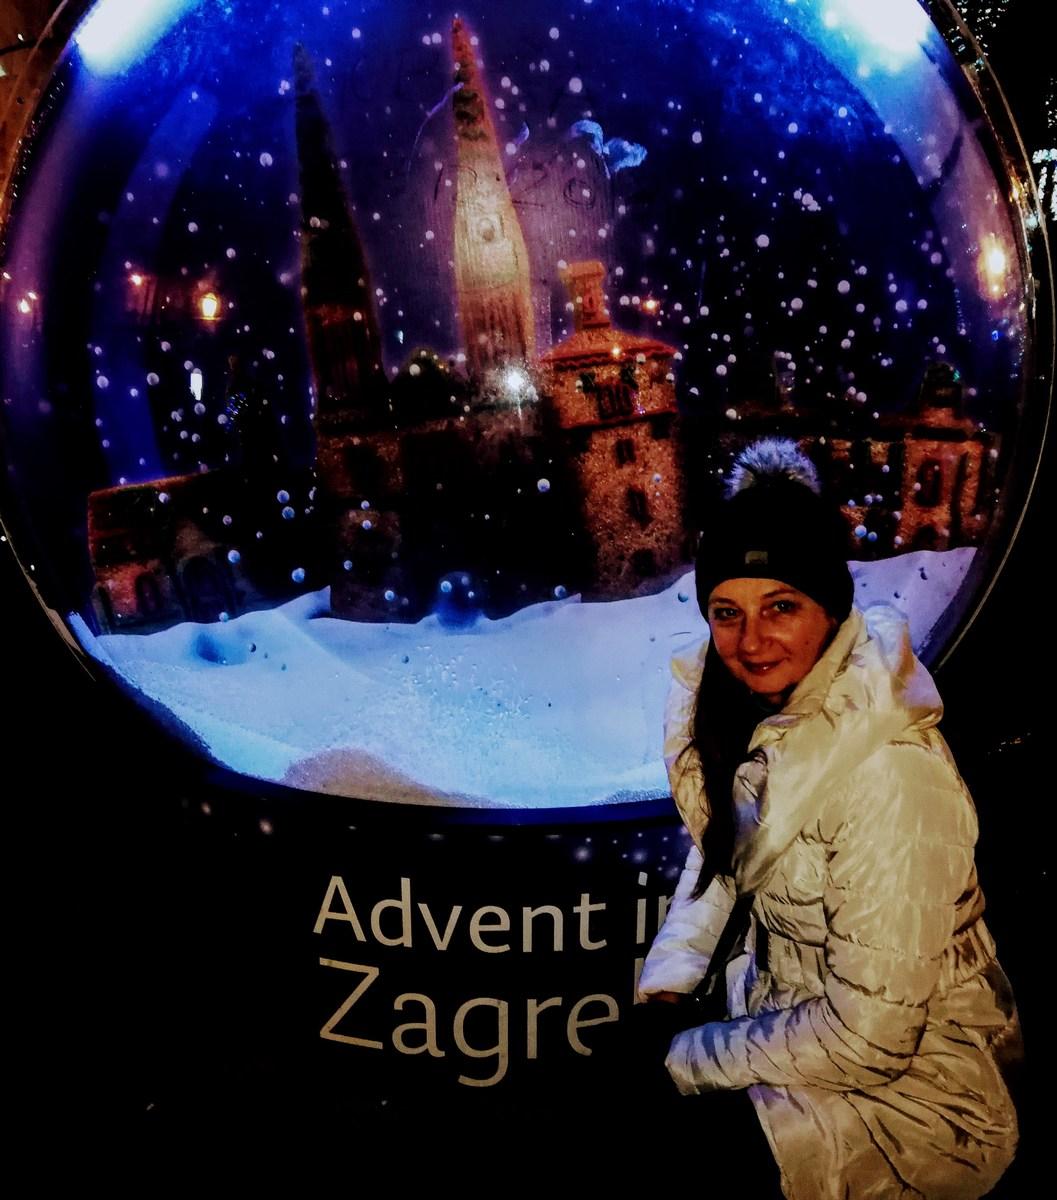 Velika snežna krogla